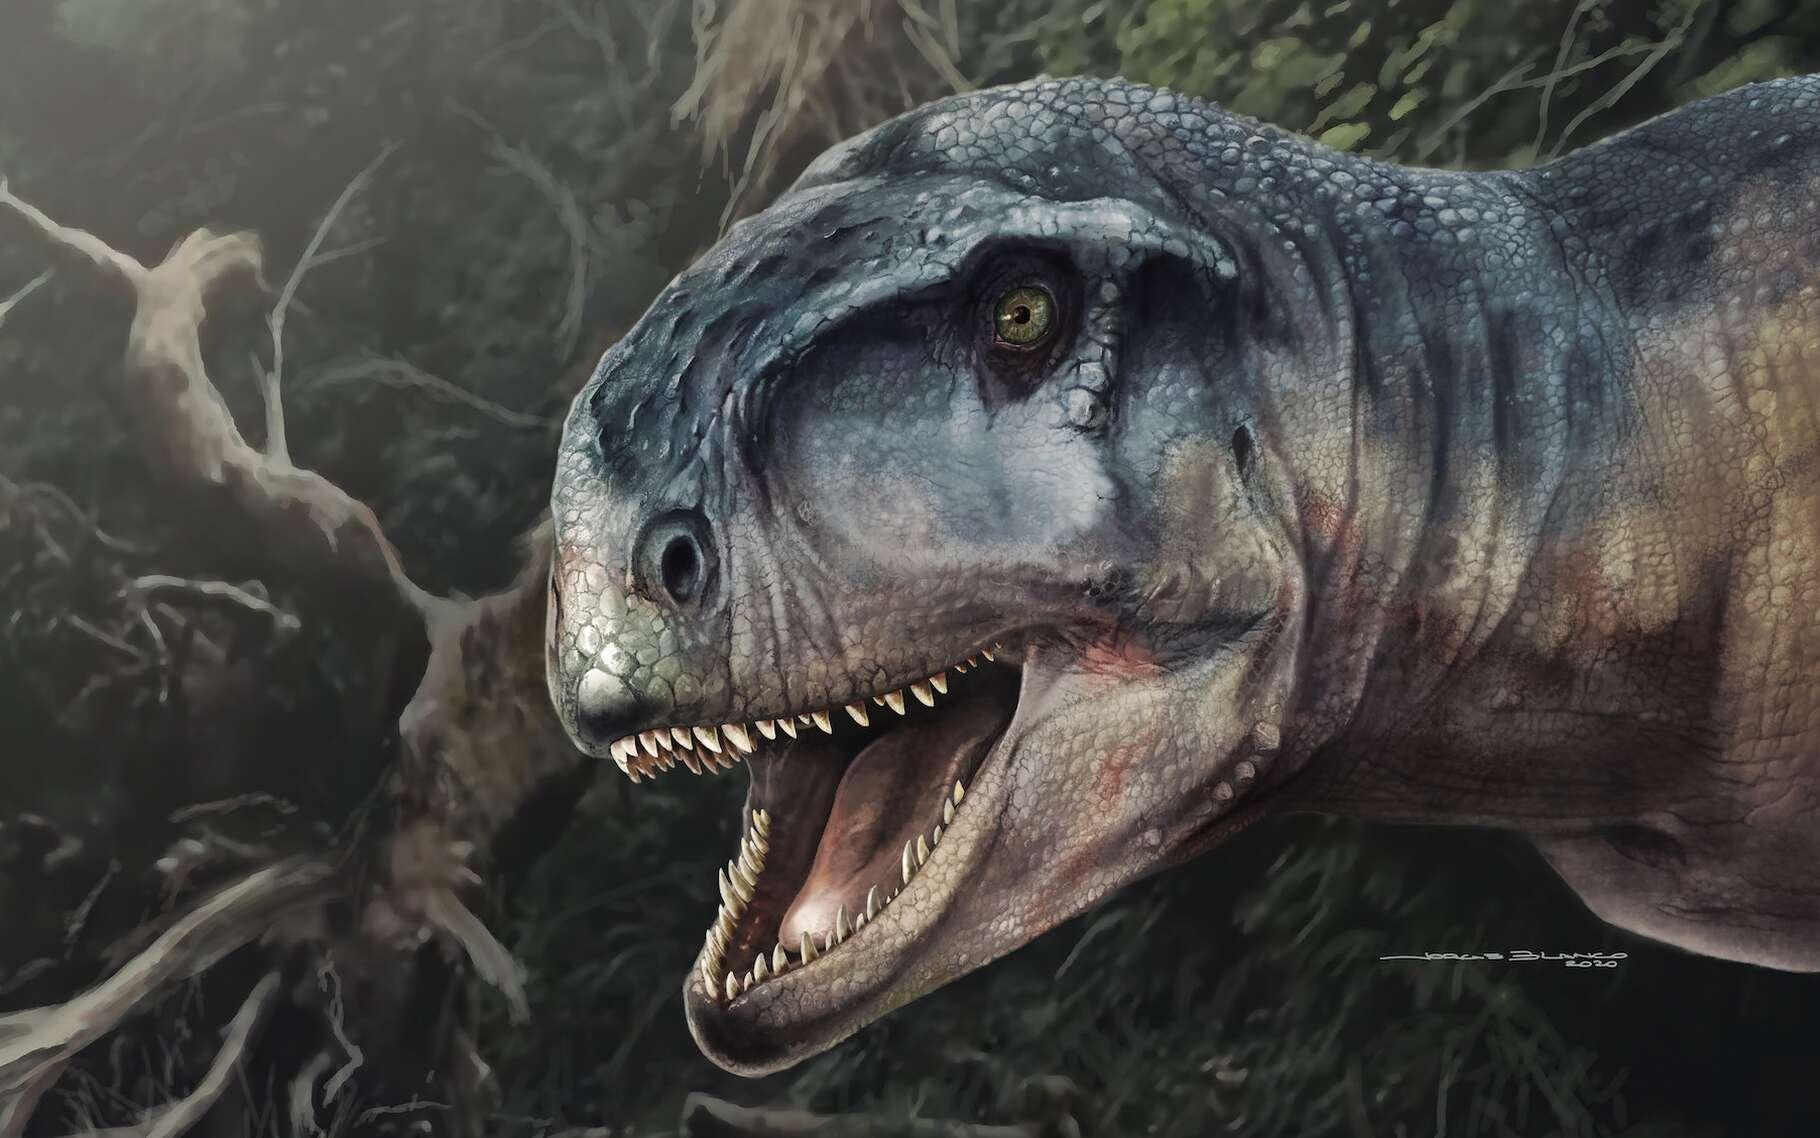 Une vue d'artiste du dinosaure récemment découvert en Patagonie (Argentine). Baptisé « celui qui fait peur », il devait être un redoutable prédateur. © Jorge Blanco, Journal of Vertebrate Paleontology